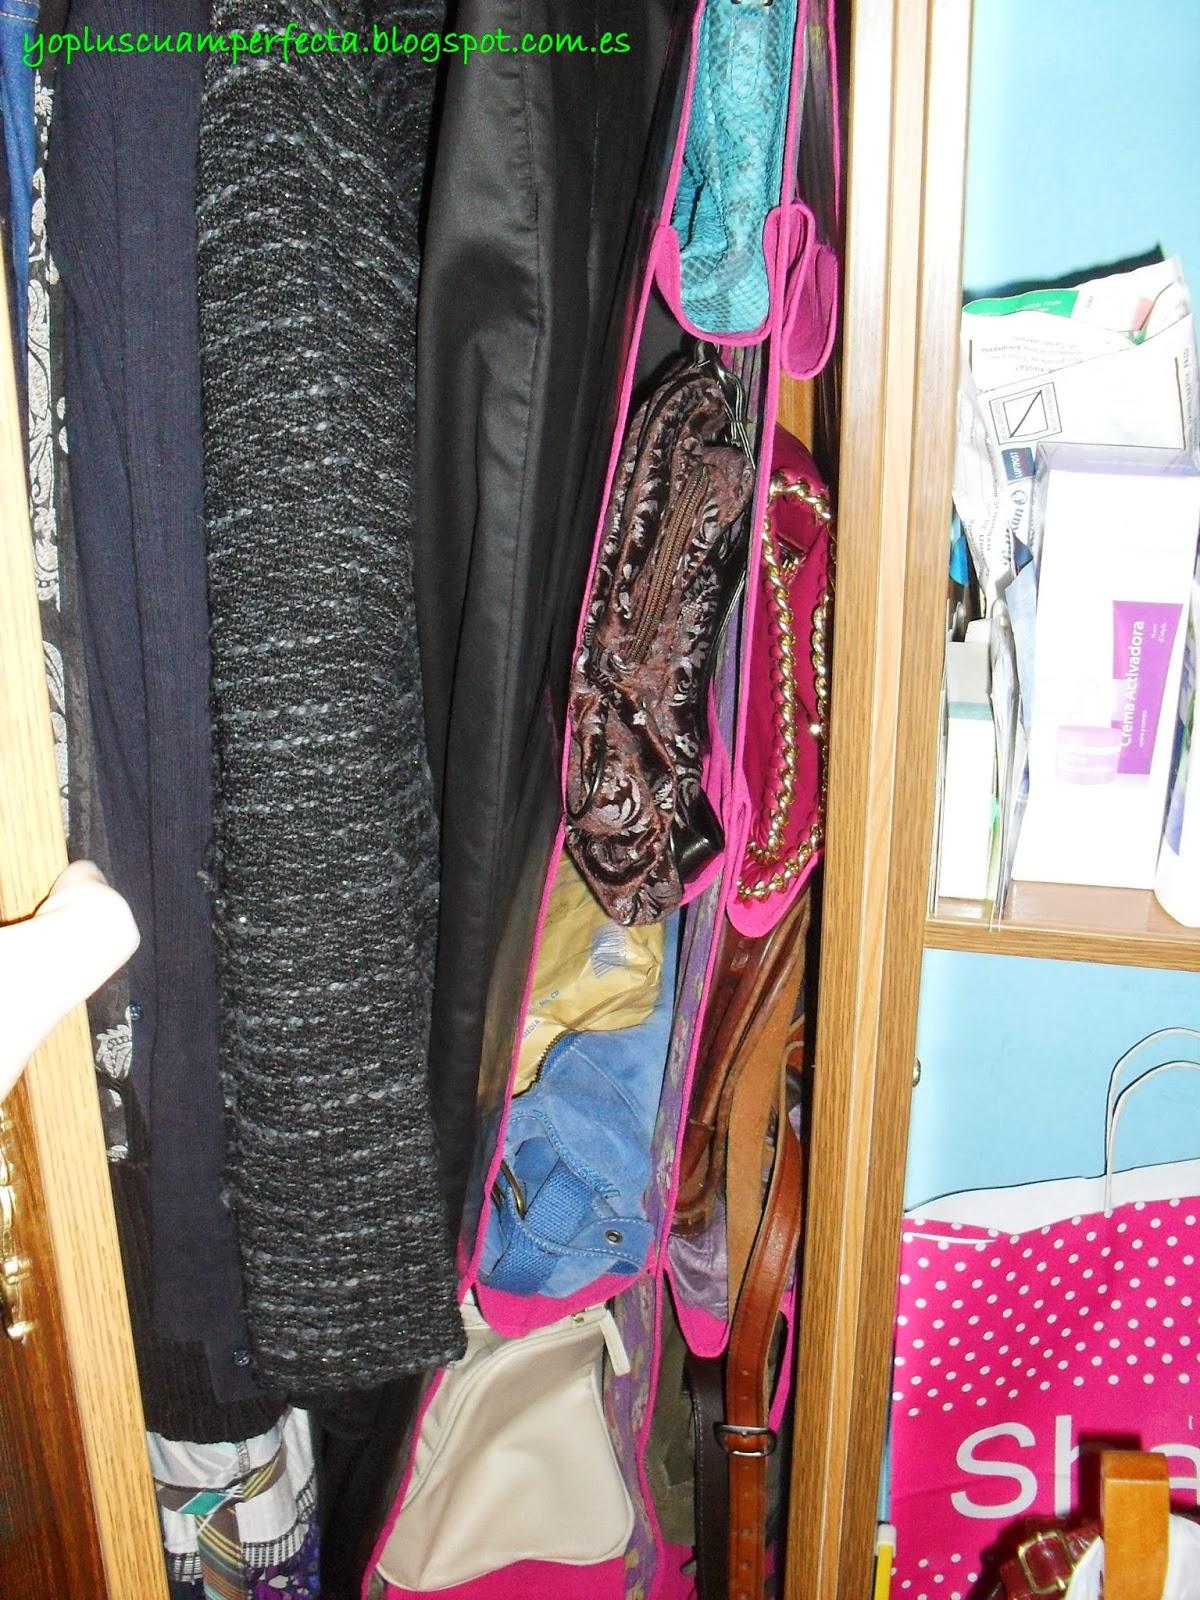 as quedan los bolsos en el armario un poco prieto pero est a rebosar